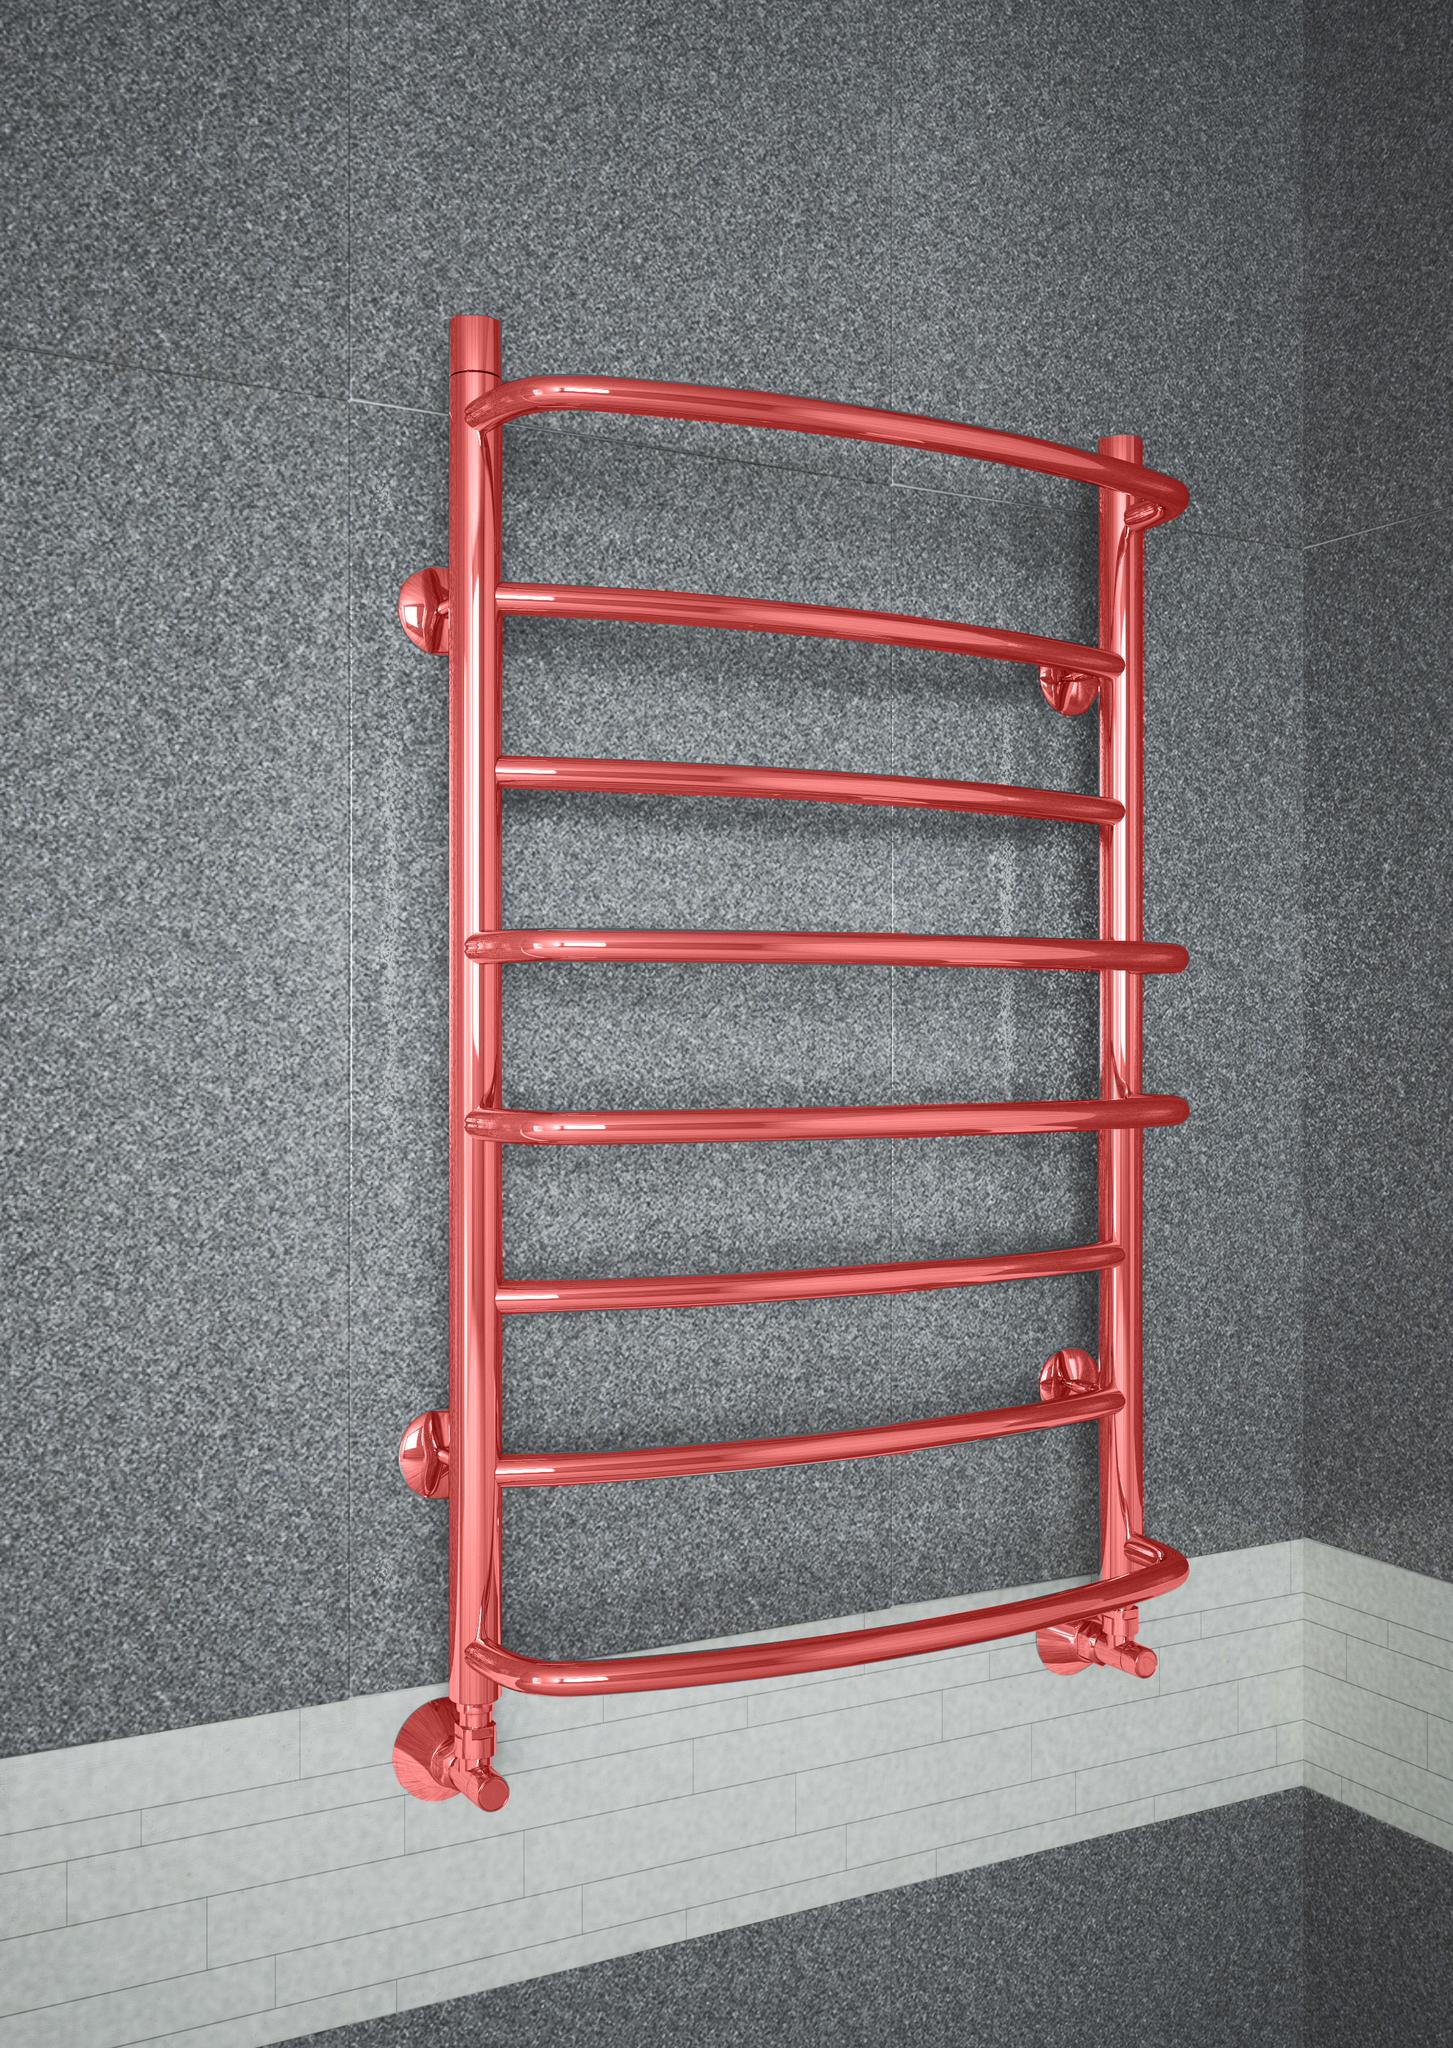 Euromix Classic Ral - цветной полотенцесушитель